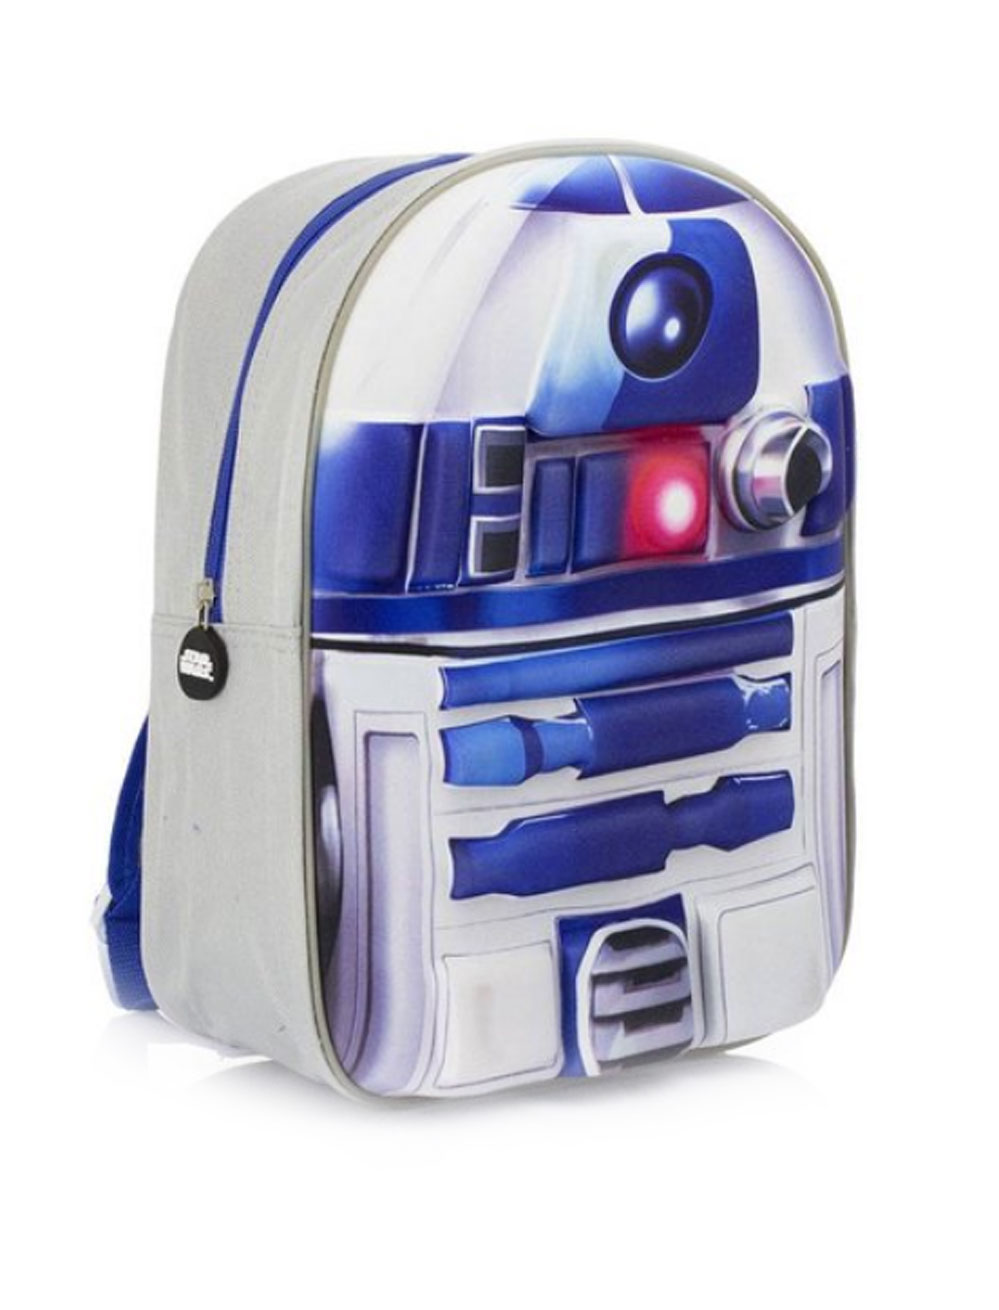 Kostuemzubehor Rucksack Star Wars R2D2 Kinder Farbe: weiss/blau